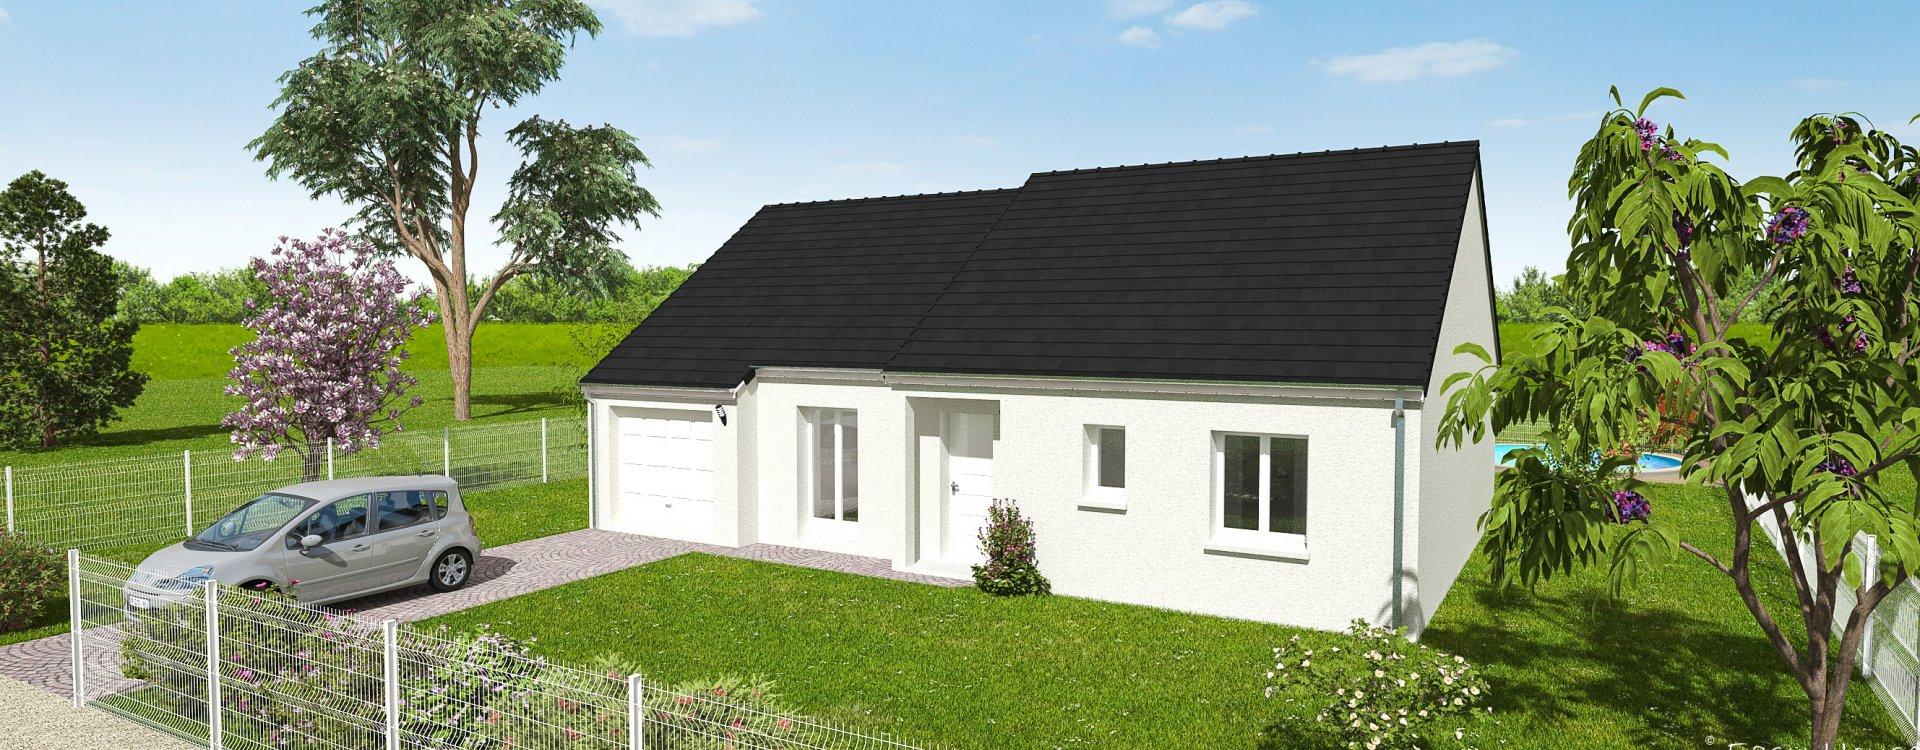 Maisons + Terrains du constructeur EASY HOUSE • 89 m² • NEUVY EN SULLIAS